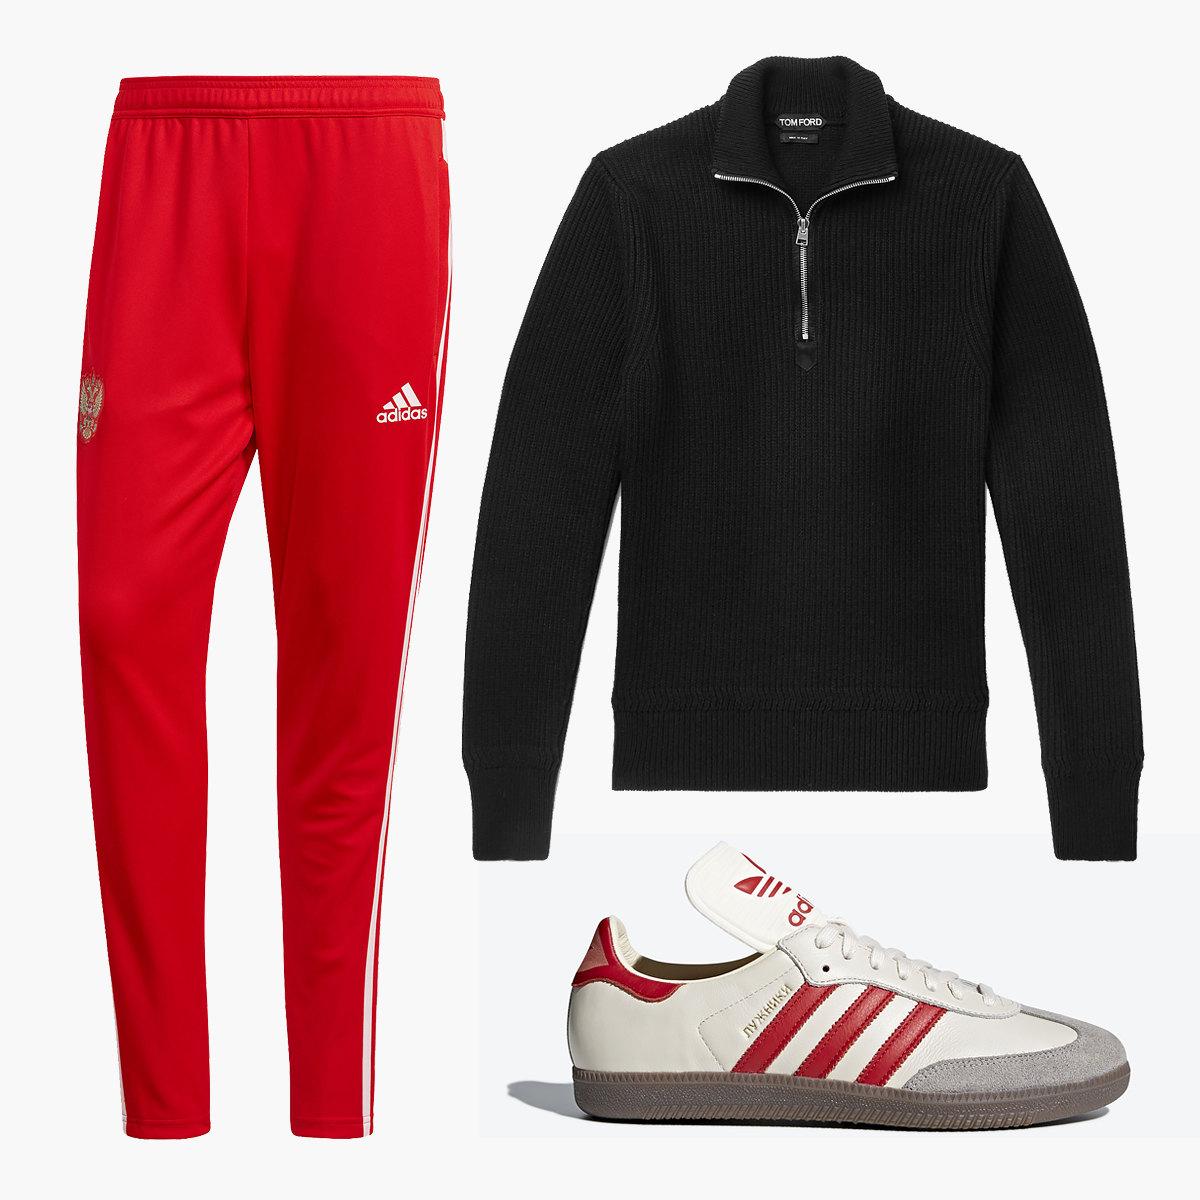 Тренировочные брюки adidas Football, 4000 рублей, джемпер Tom Ford, 77100 рублей, кроссовки adidas Originals Samba «Лужники», 10000 рублей